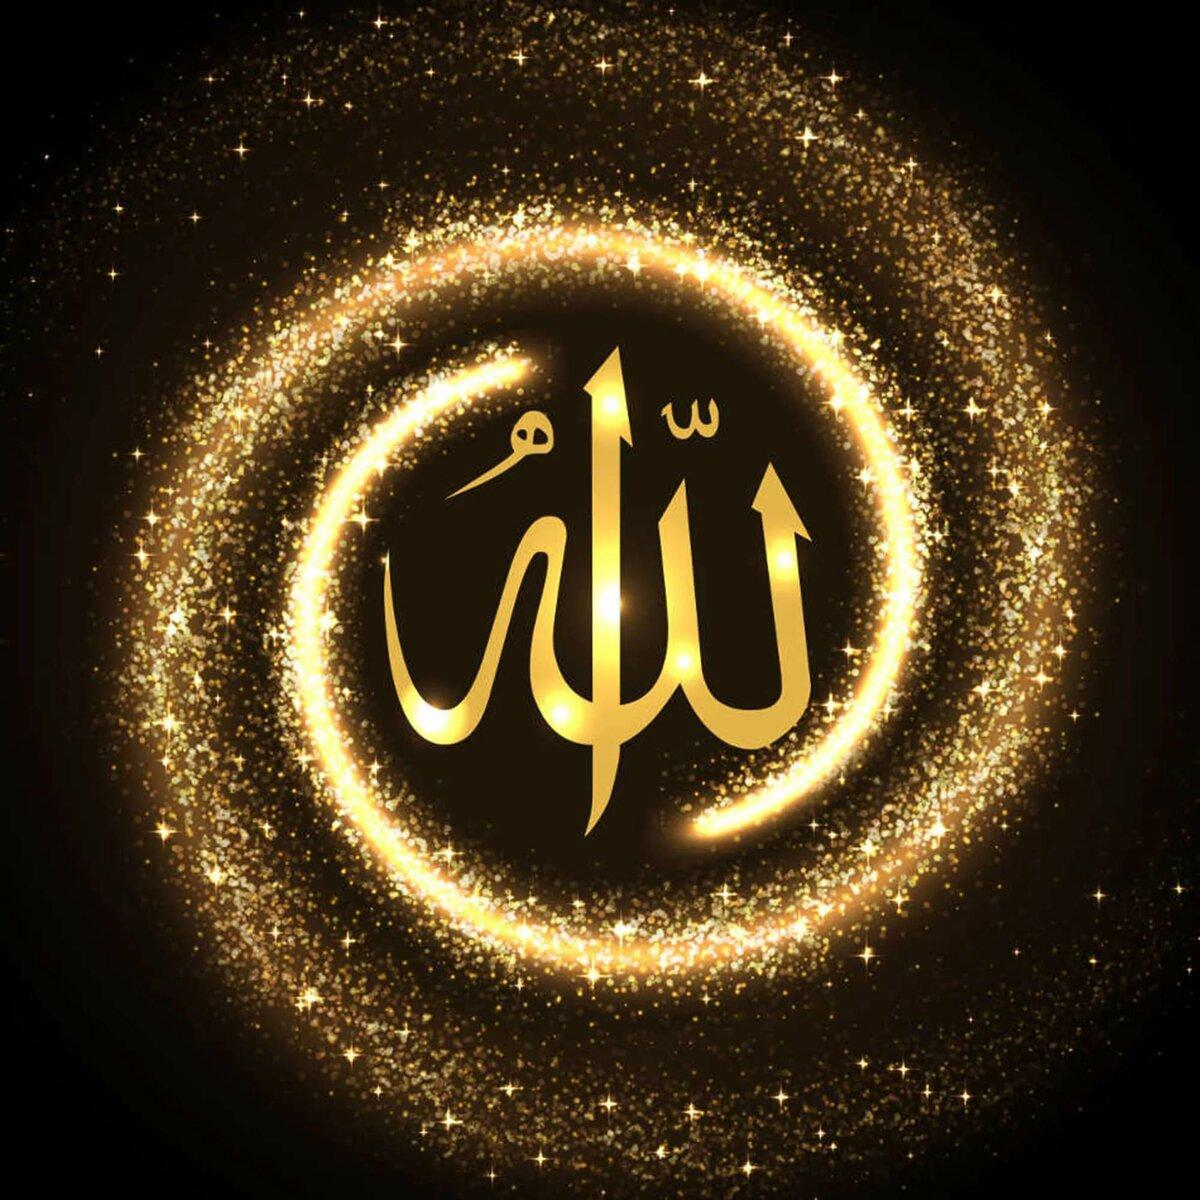 Картинки с надписью аллах на телефон, открытка днем